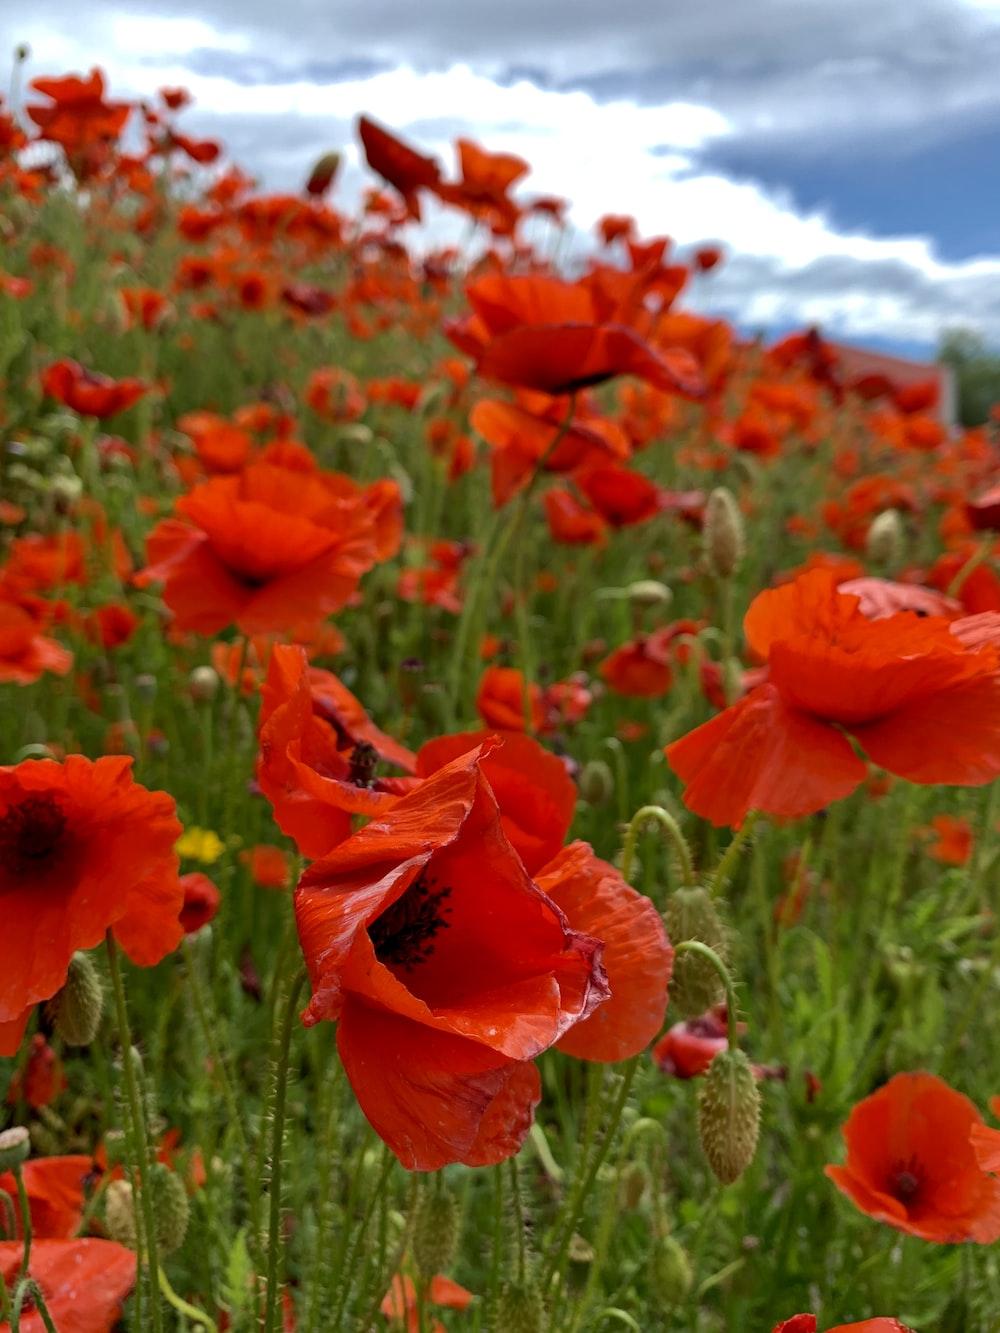 field of red poppy flowers